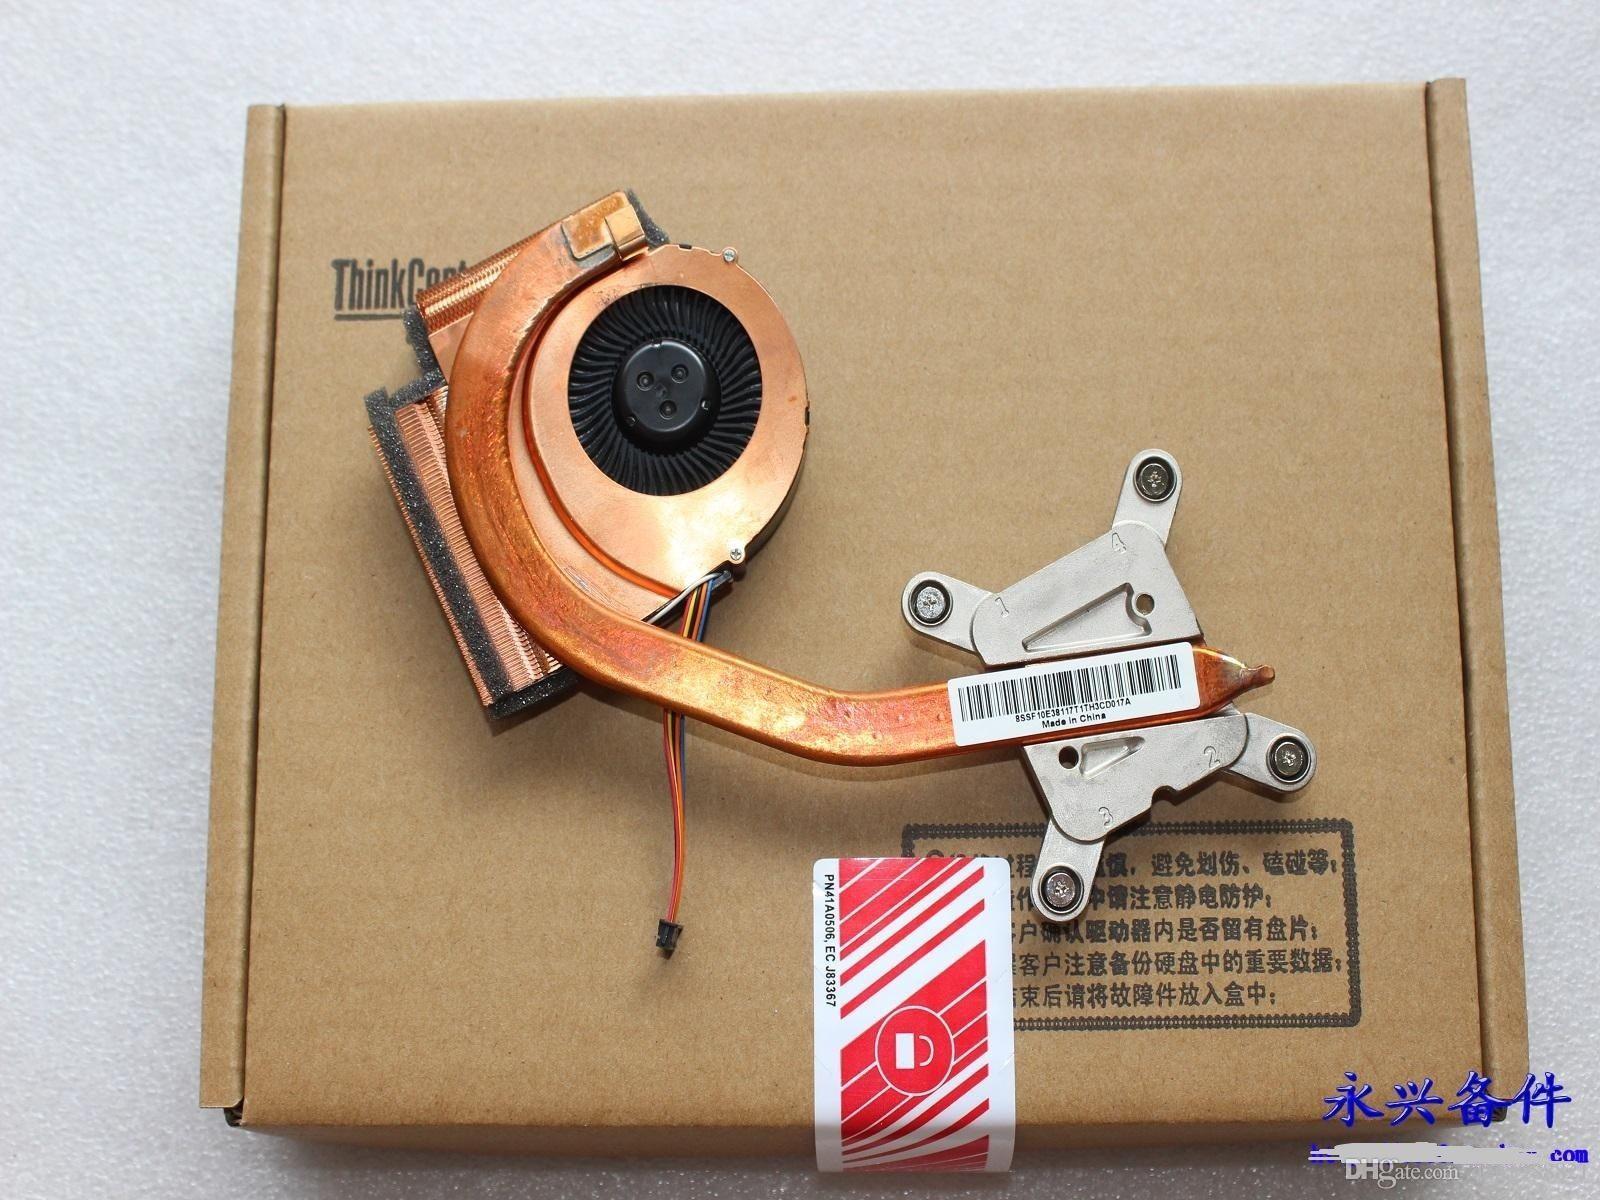 레노버 씽크 패드 T430 T430i CPU 쿨러 냉각기 포함 04X3787 04W3267 0B41086